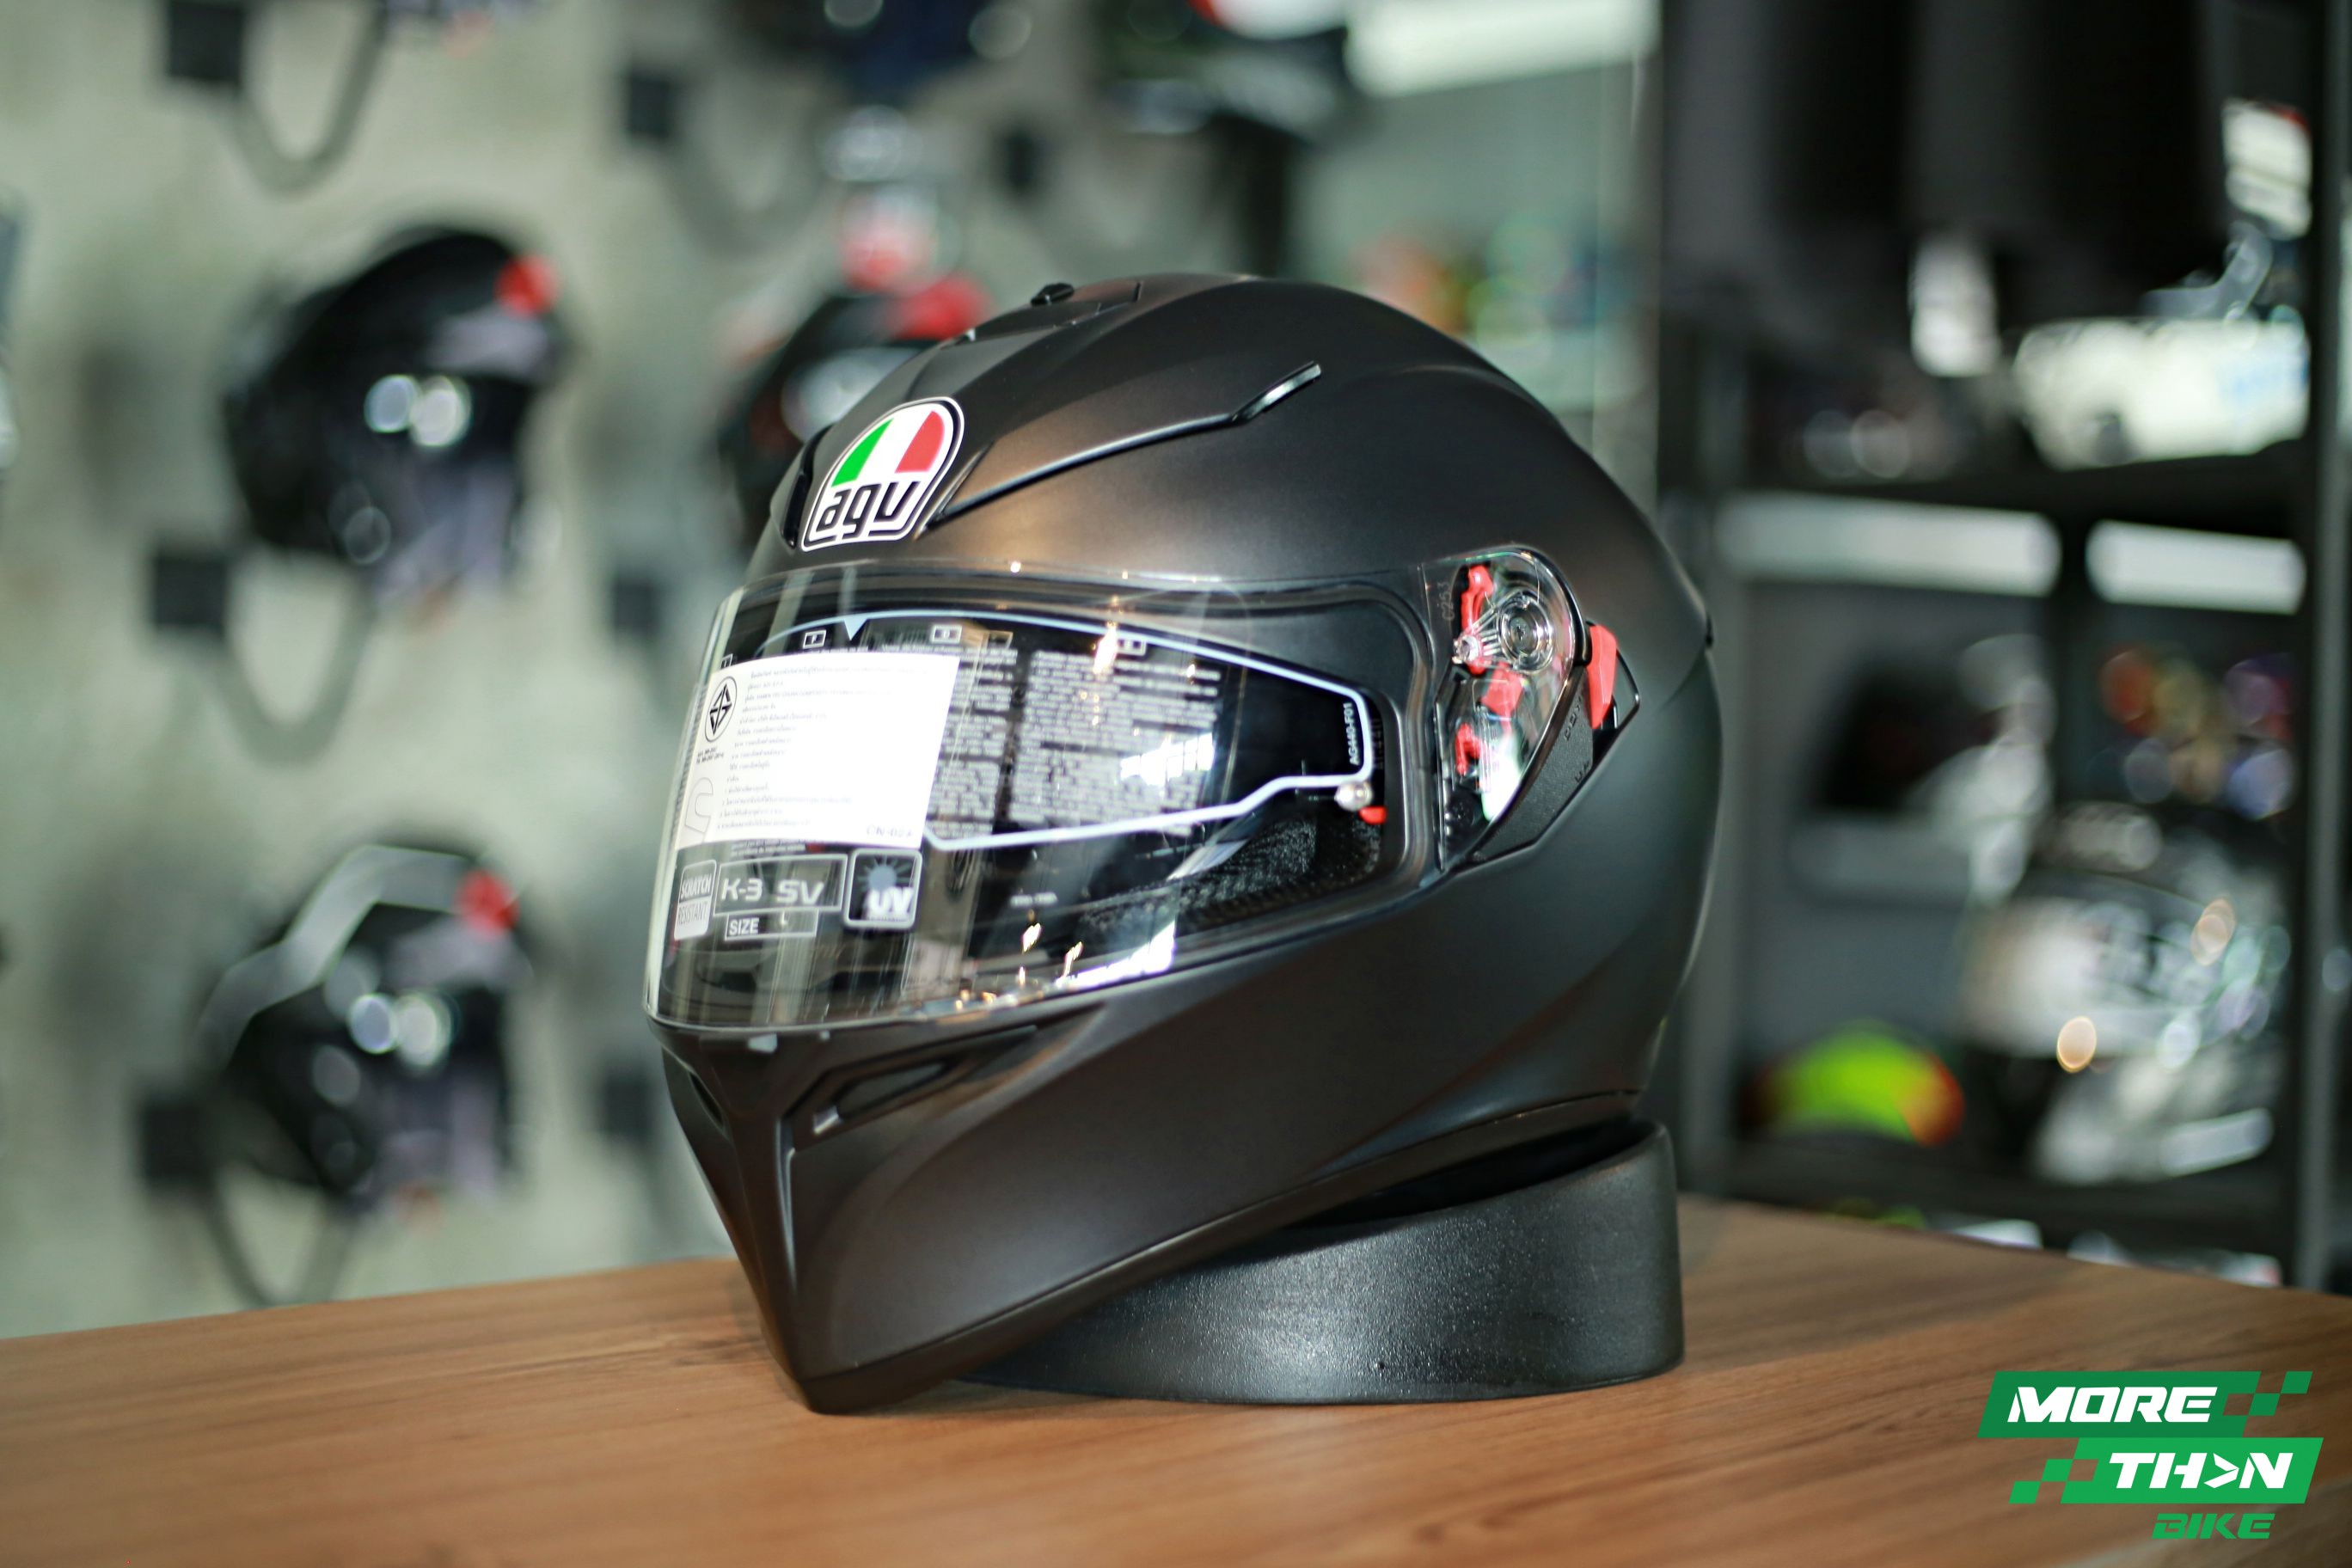 agv-k3-sv-matt-black-1